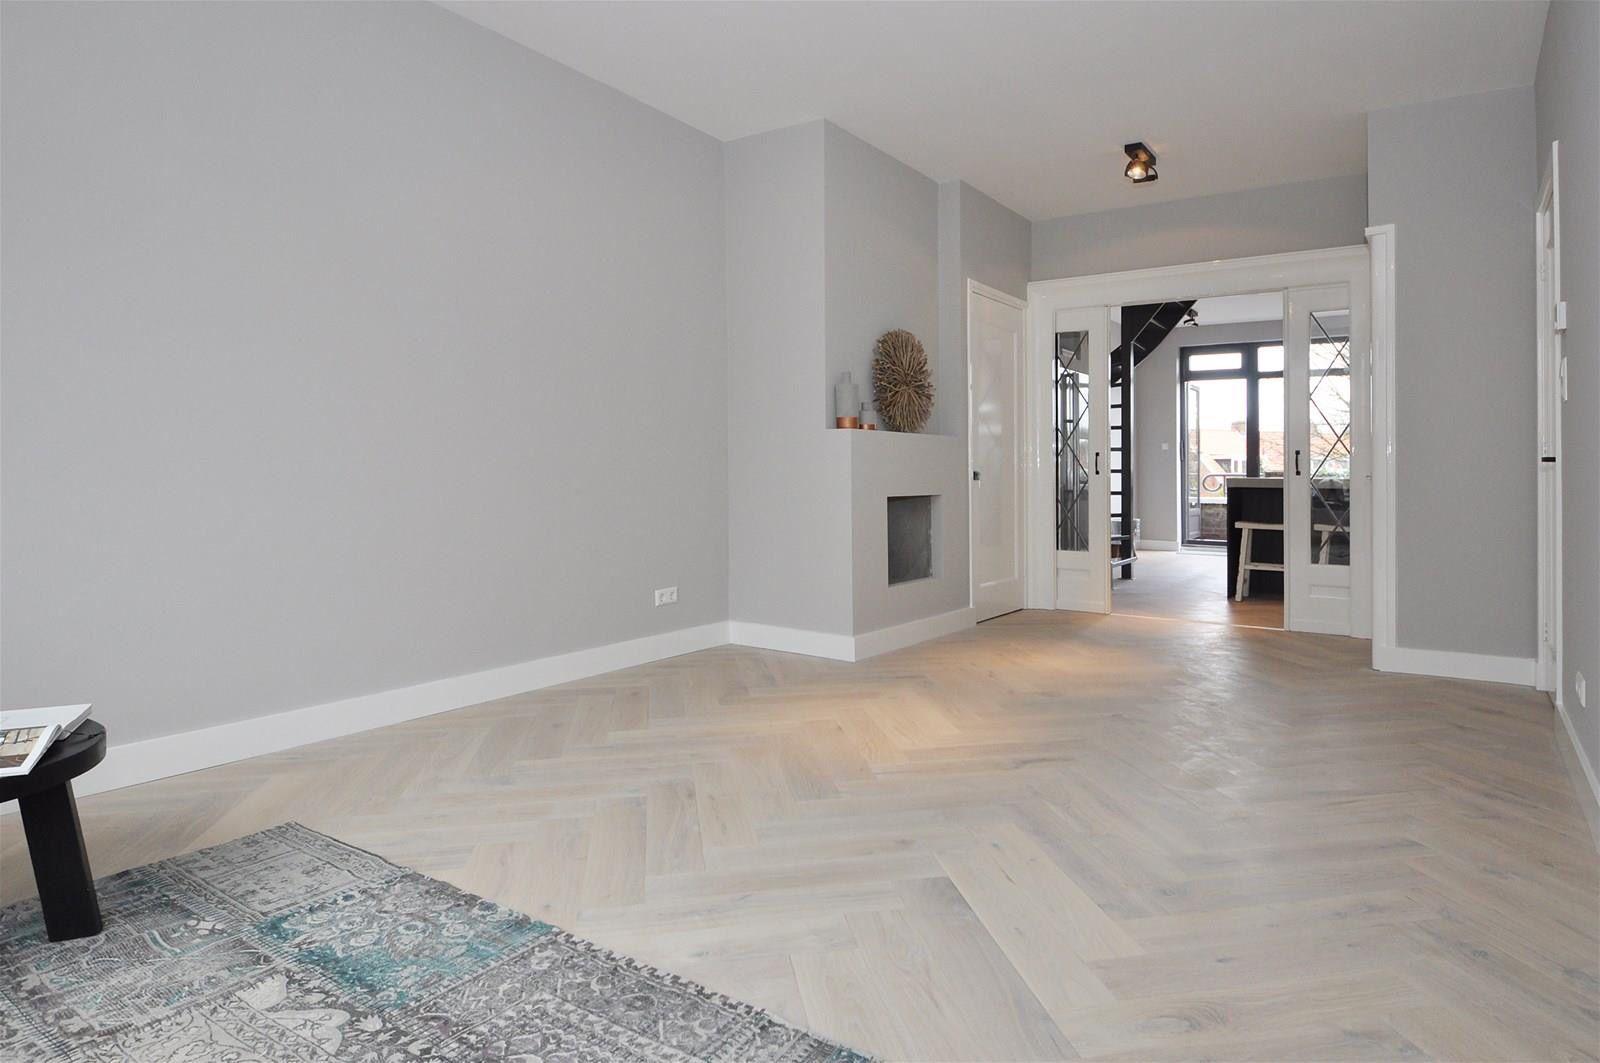 Visgraatvloer Licht Grijze Wanden B Amp S In 2019 Huis